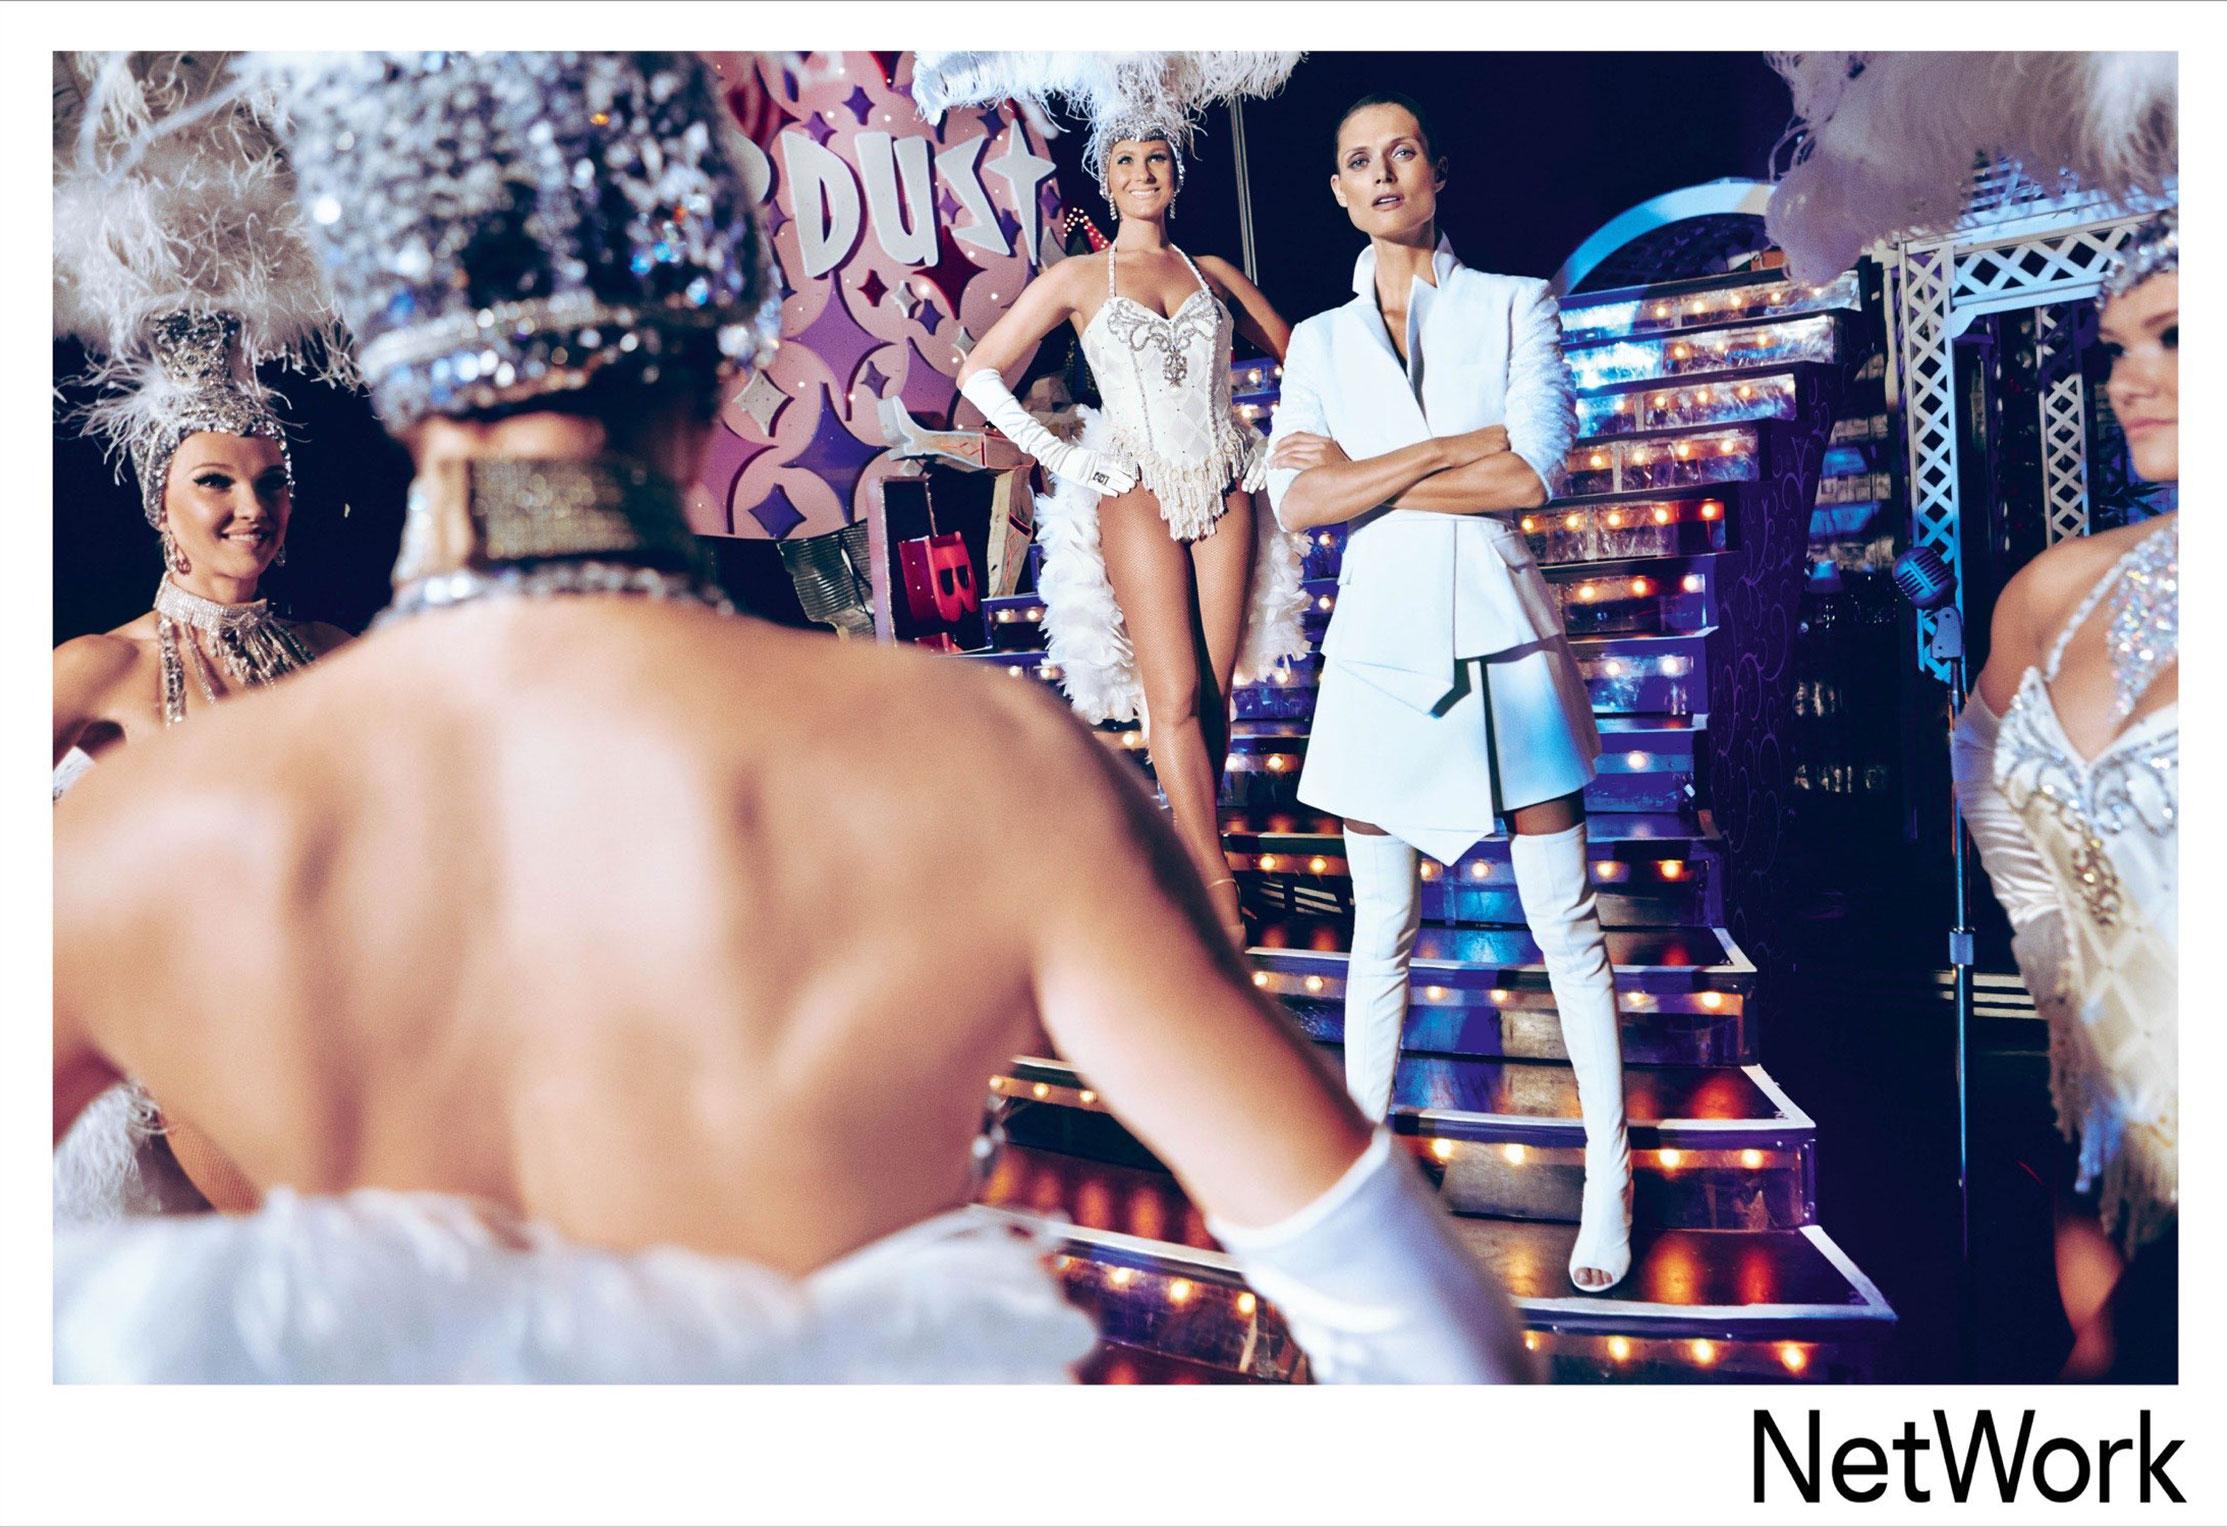 супермодель Малгоша Бела в рекламной кампании турецкого модного бренда Network, сезон весна-лето 2015 / фото 05